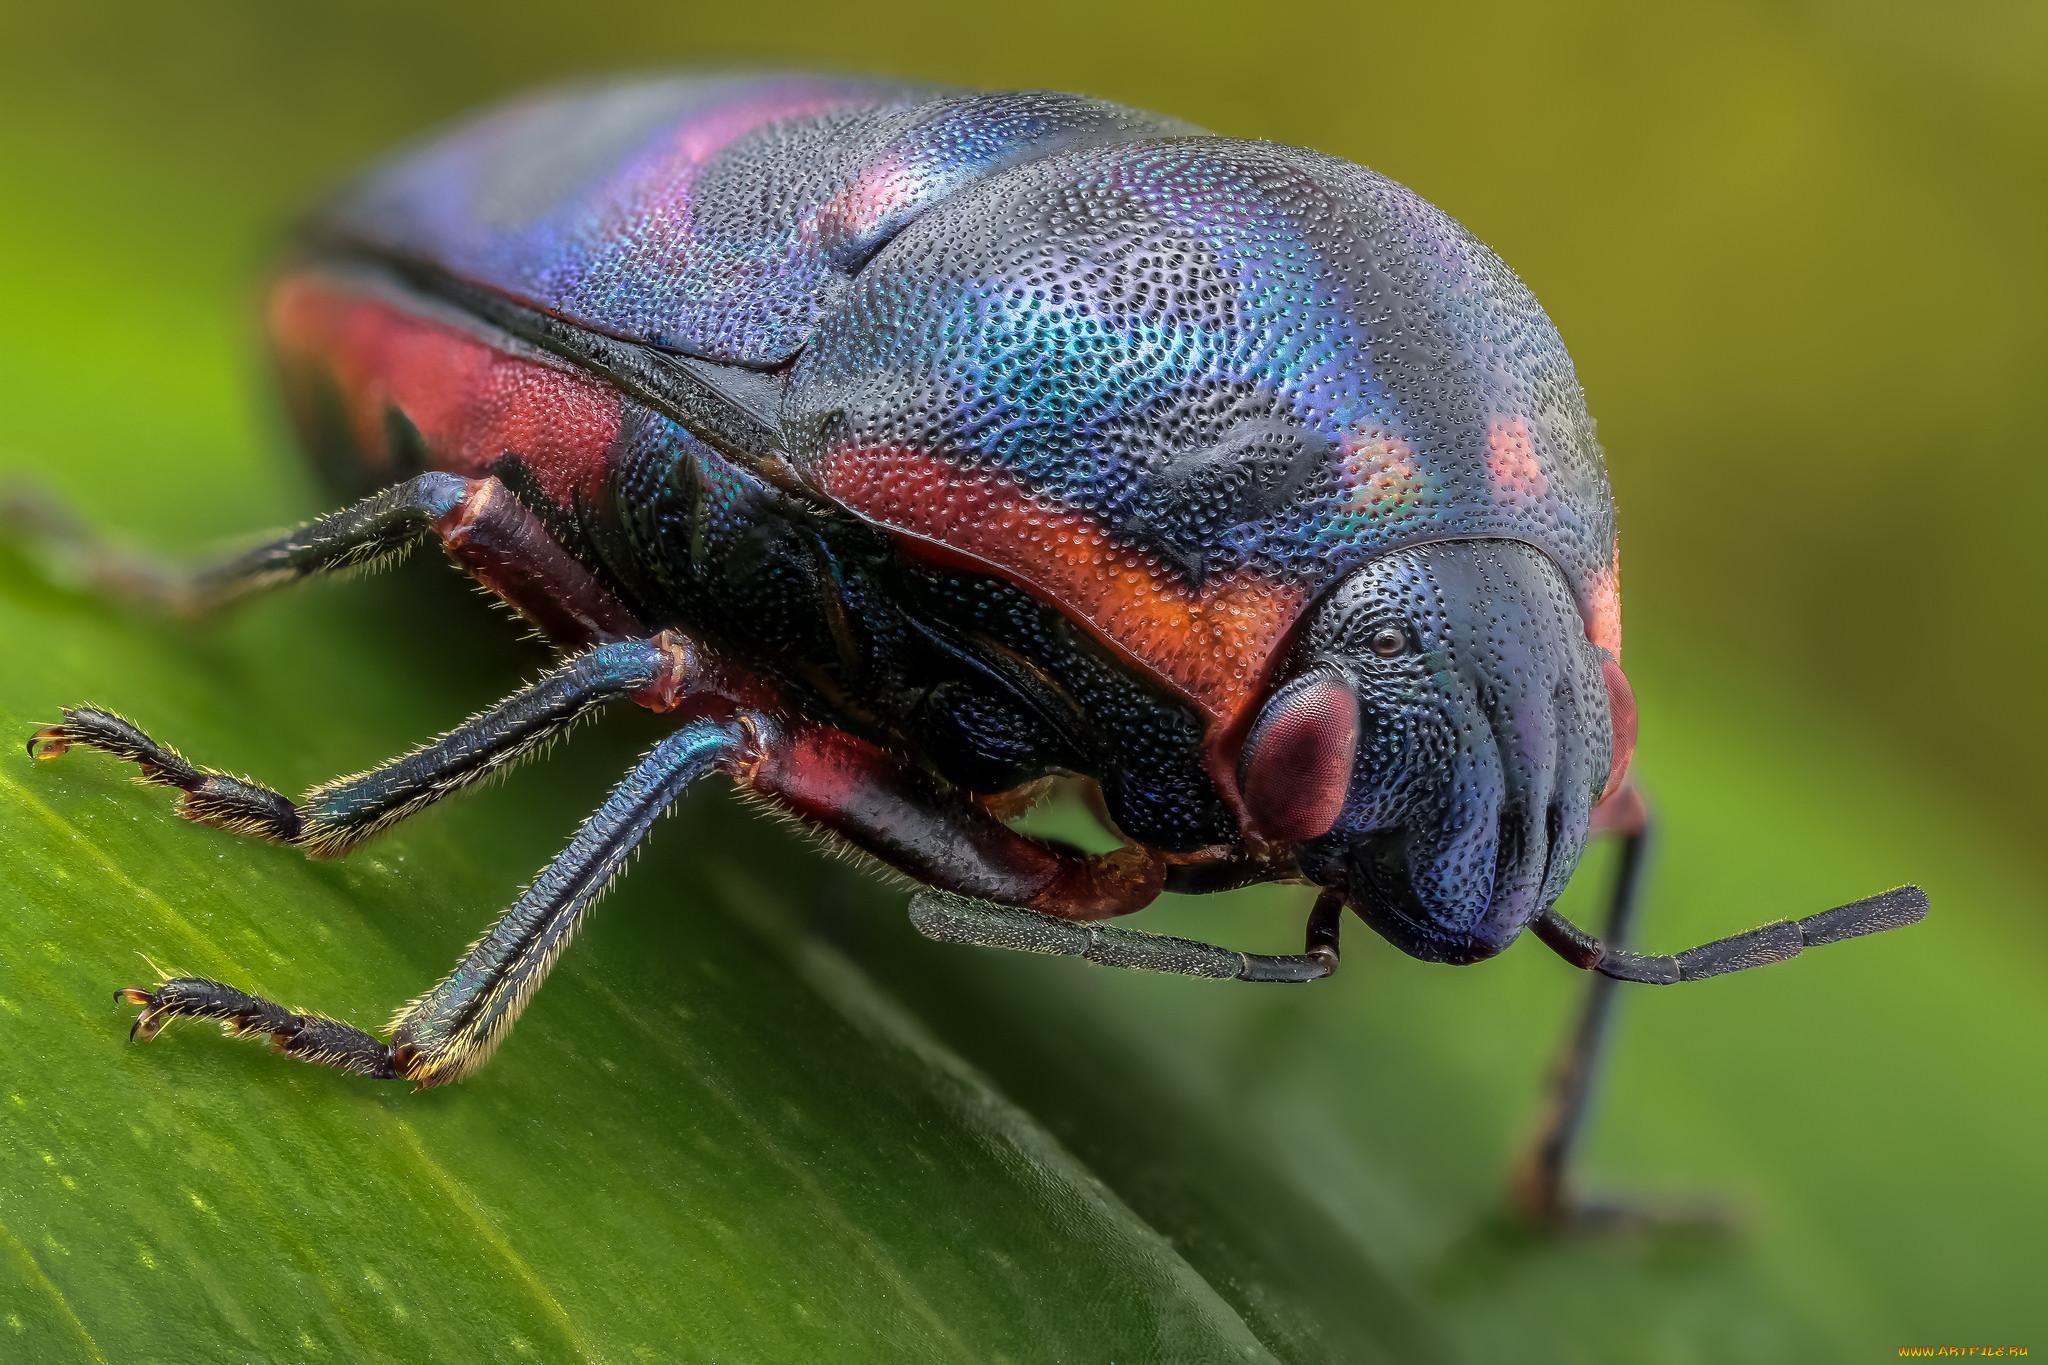 Разновидности жуков и их названия фото свадебные кольца